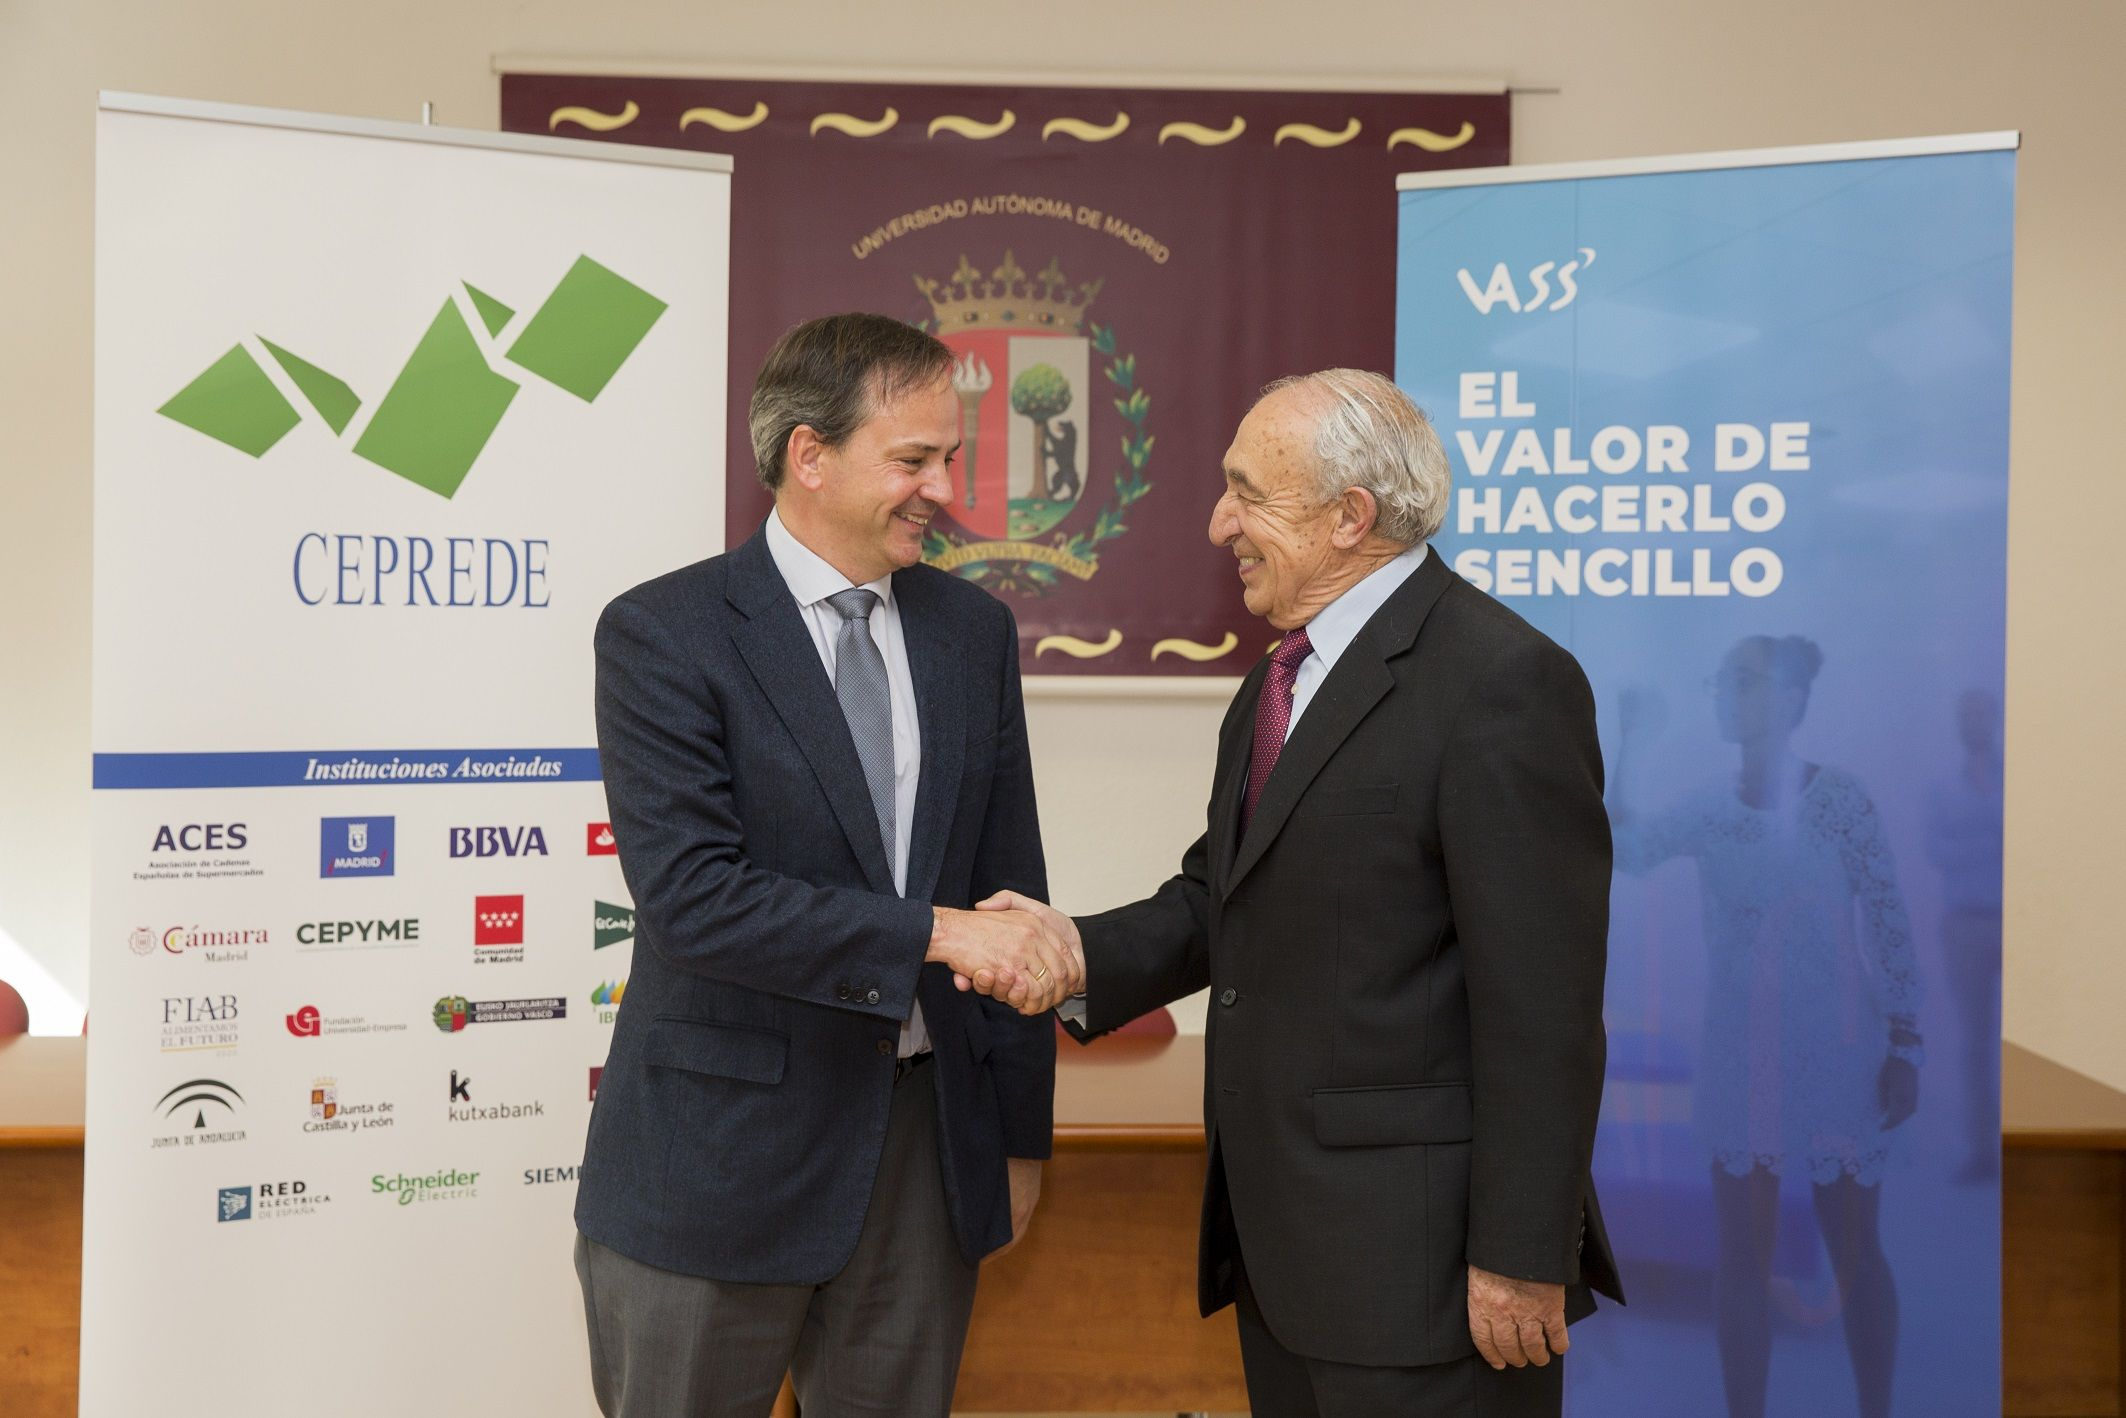 Foto de Javier Latasa, presidente de VASS, y Antonio Pulido, director